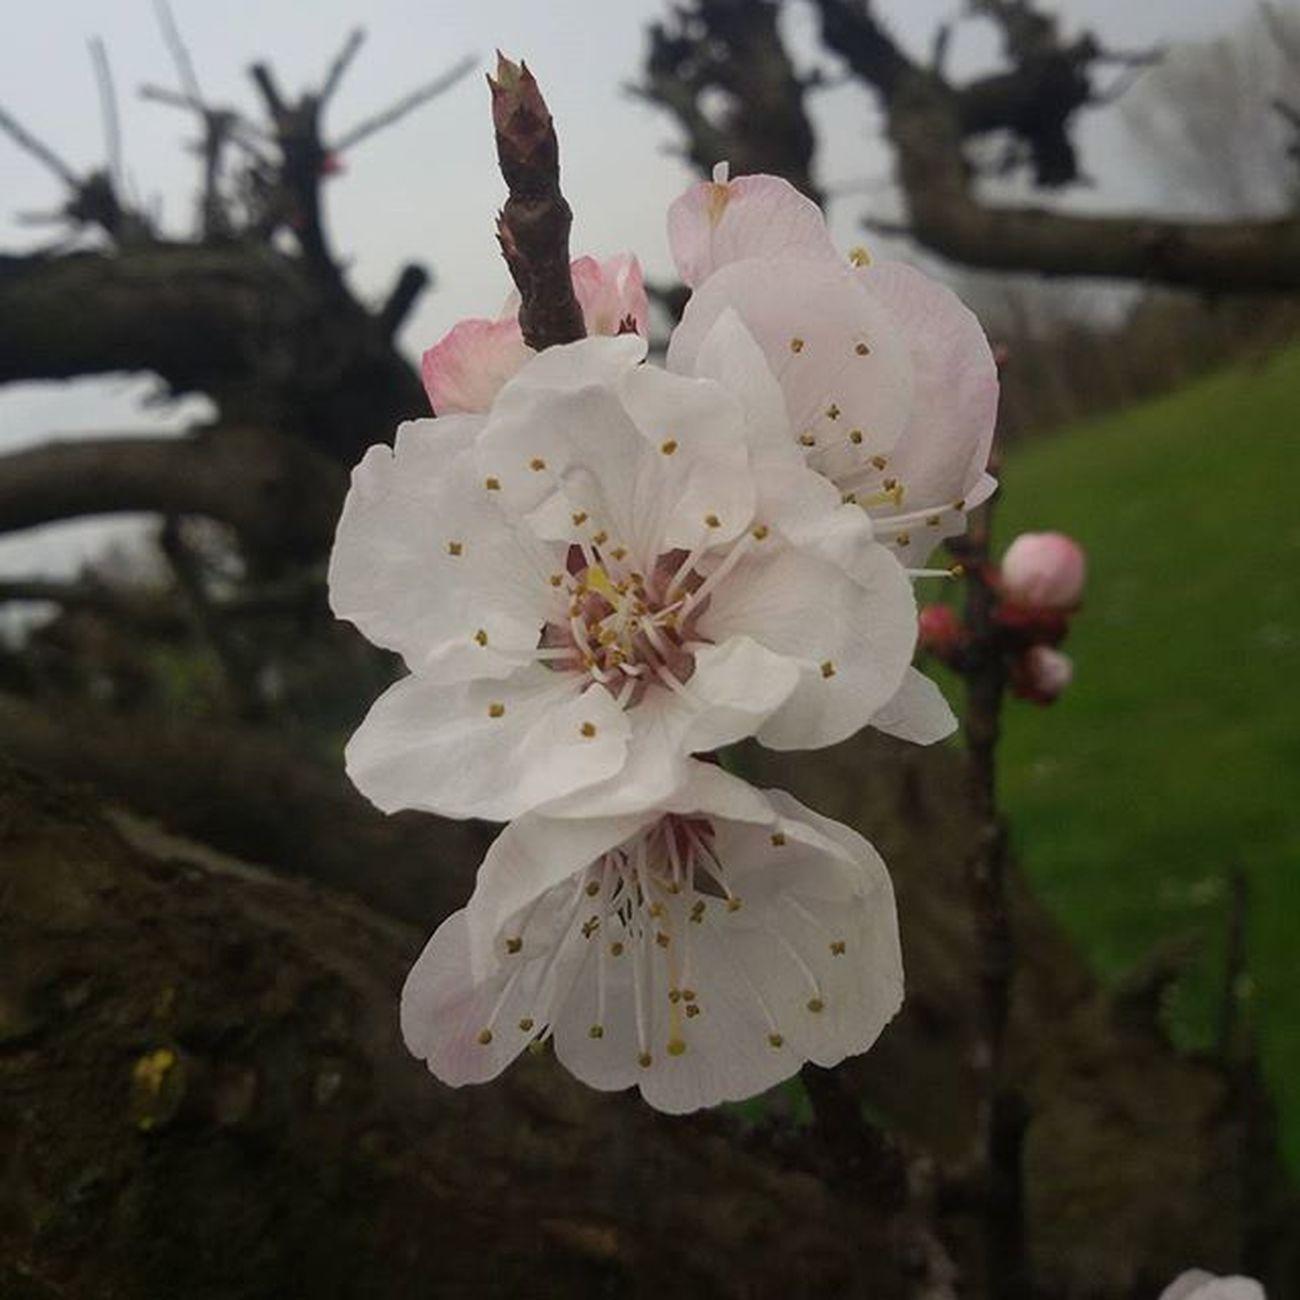 Fioridialbicocche Albicicche Fiori Flower Flowers Primavera Primavera2016 Spring Spring2016 Marzo March Albero Tree